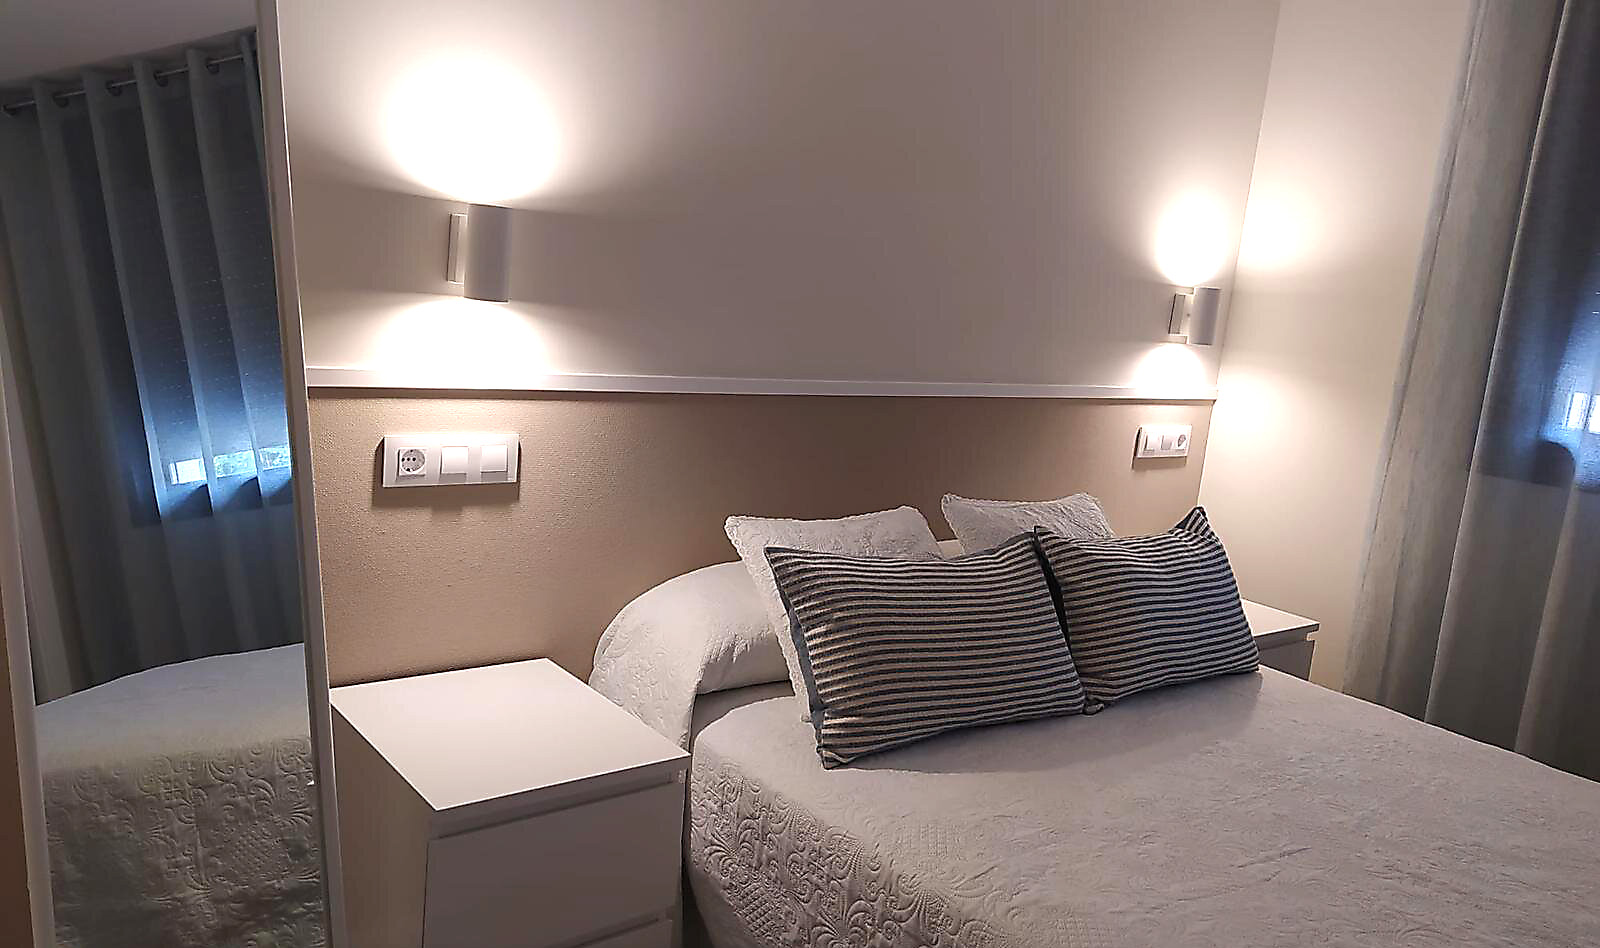 herederos basilio retortillo empresa construccion montehermoso Extremadura apartamento vivienda eficiencia energetica